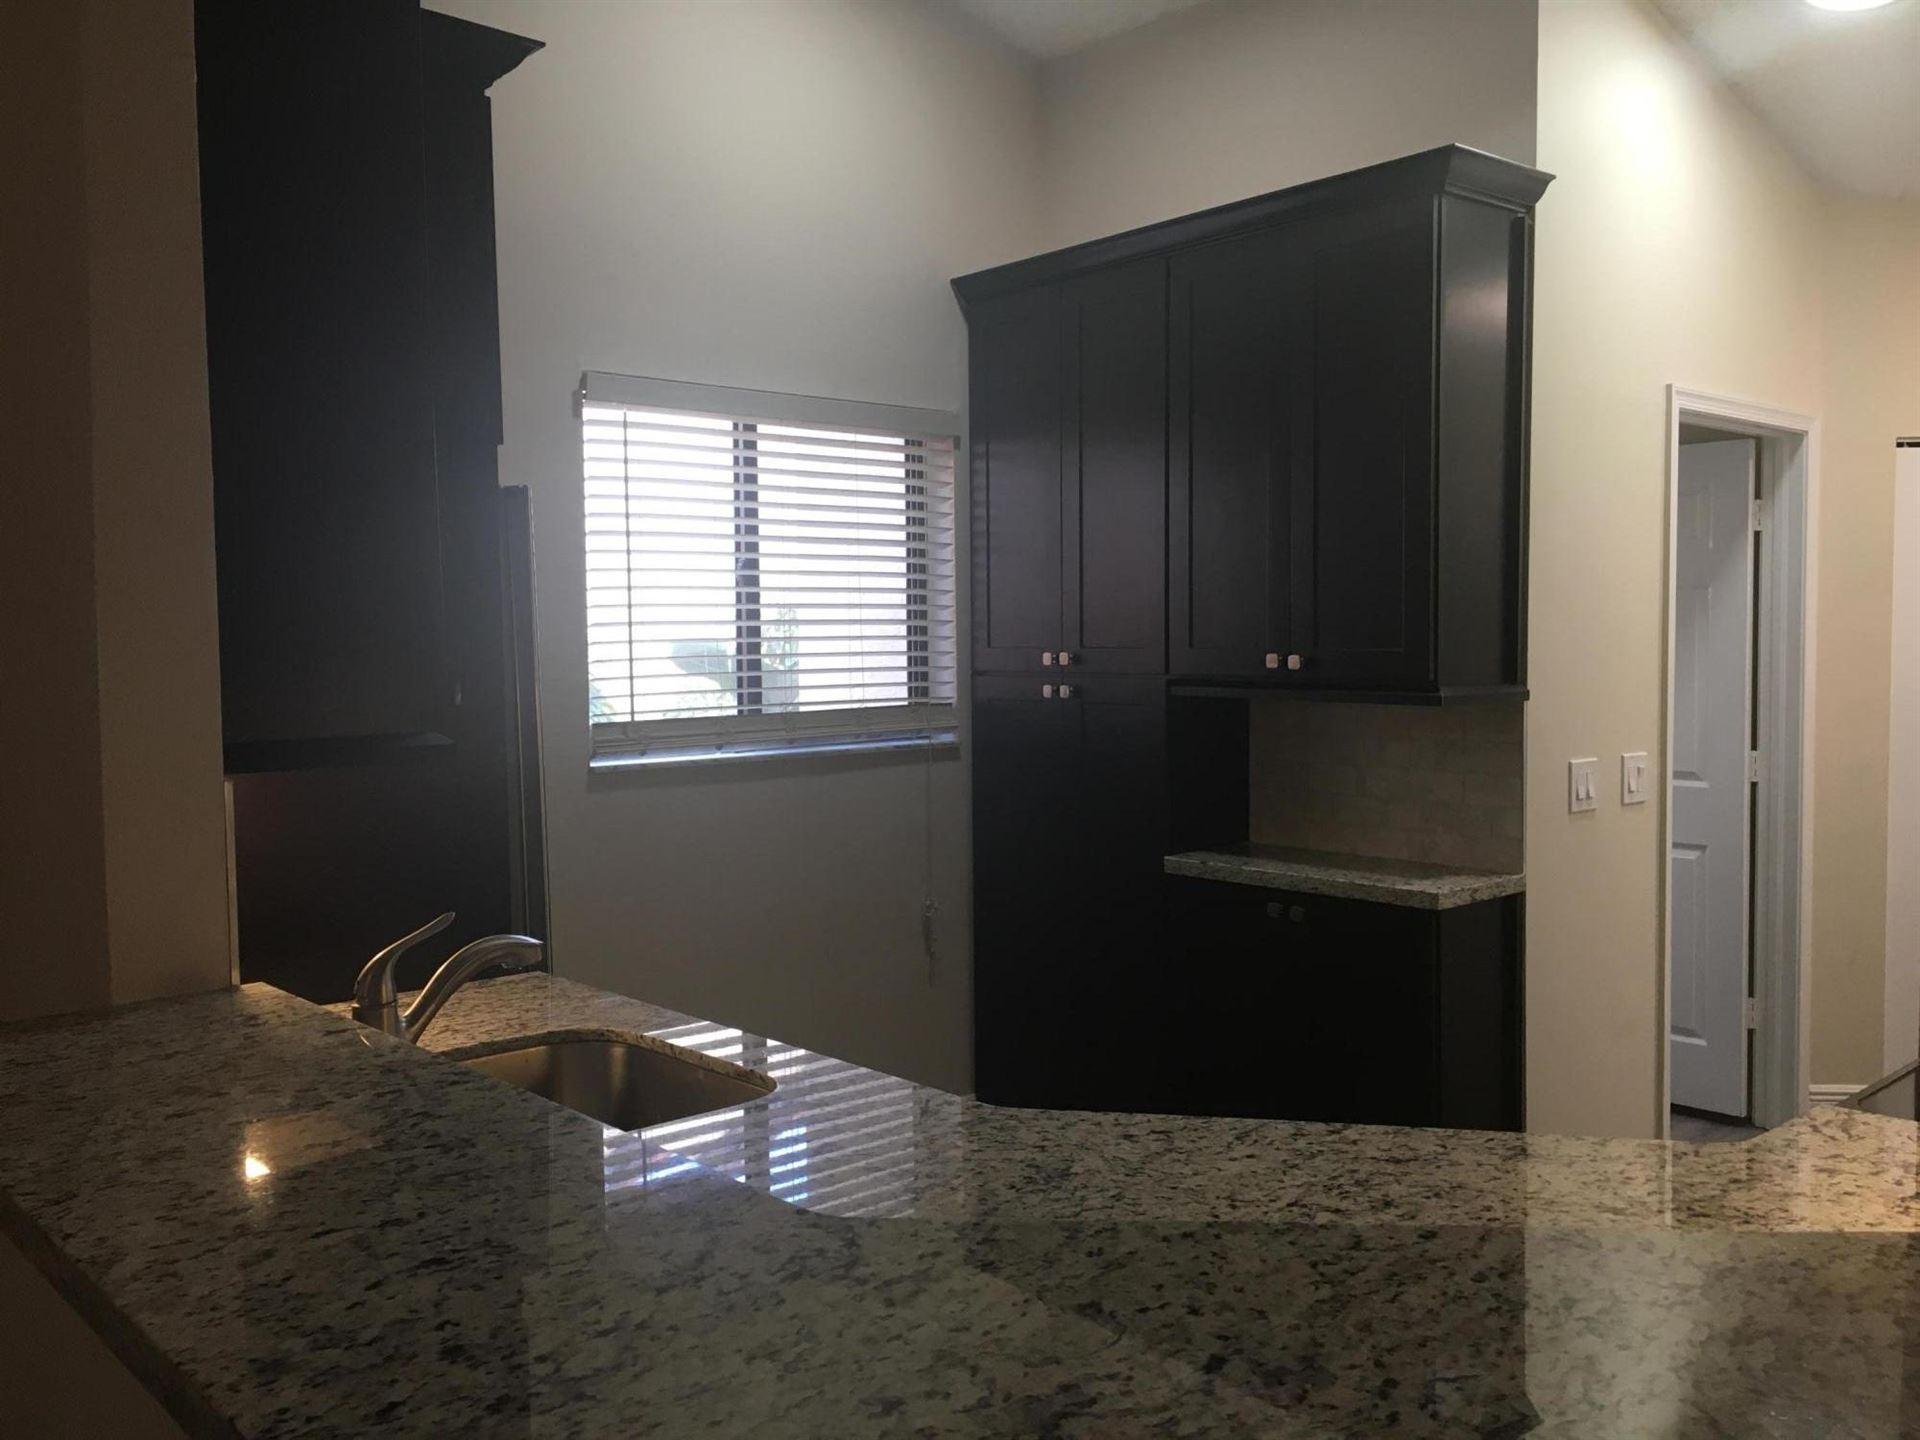 5 Via De Casas Sur #204, Boynton Beach, FL 33426 - #: RX-10669199